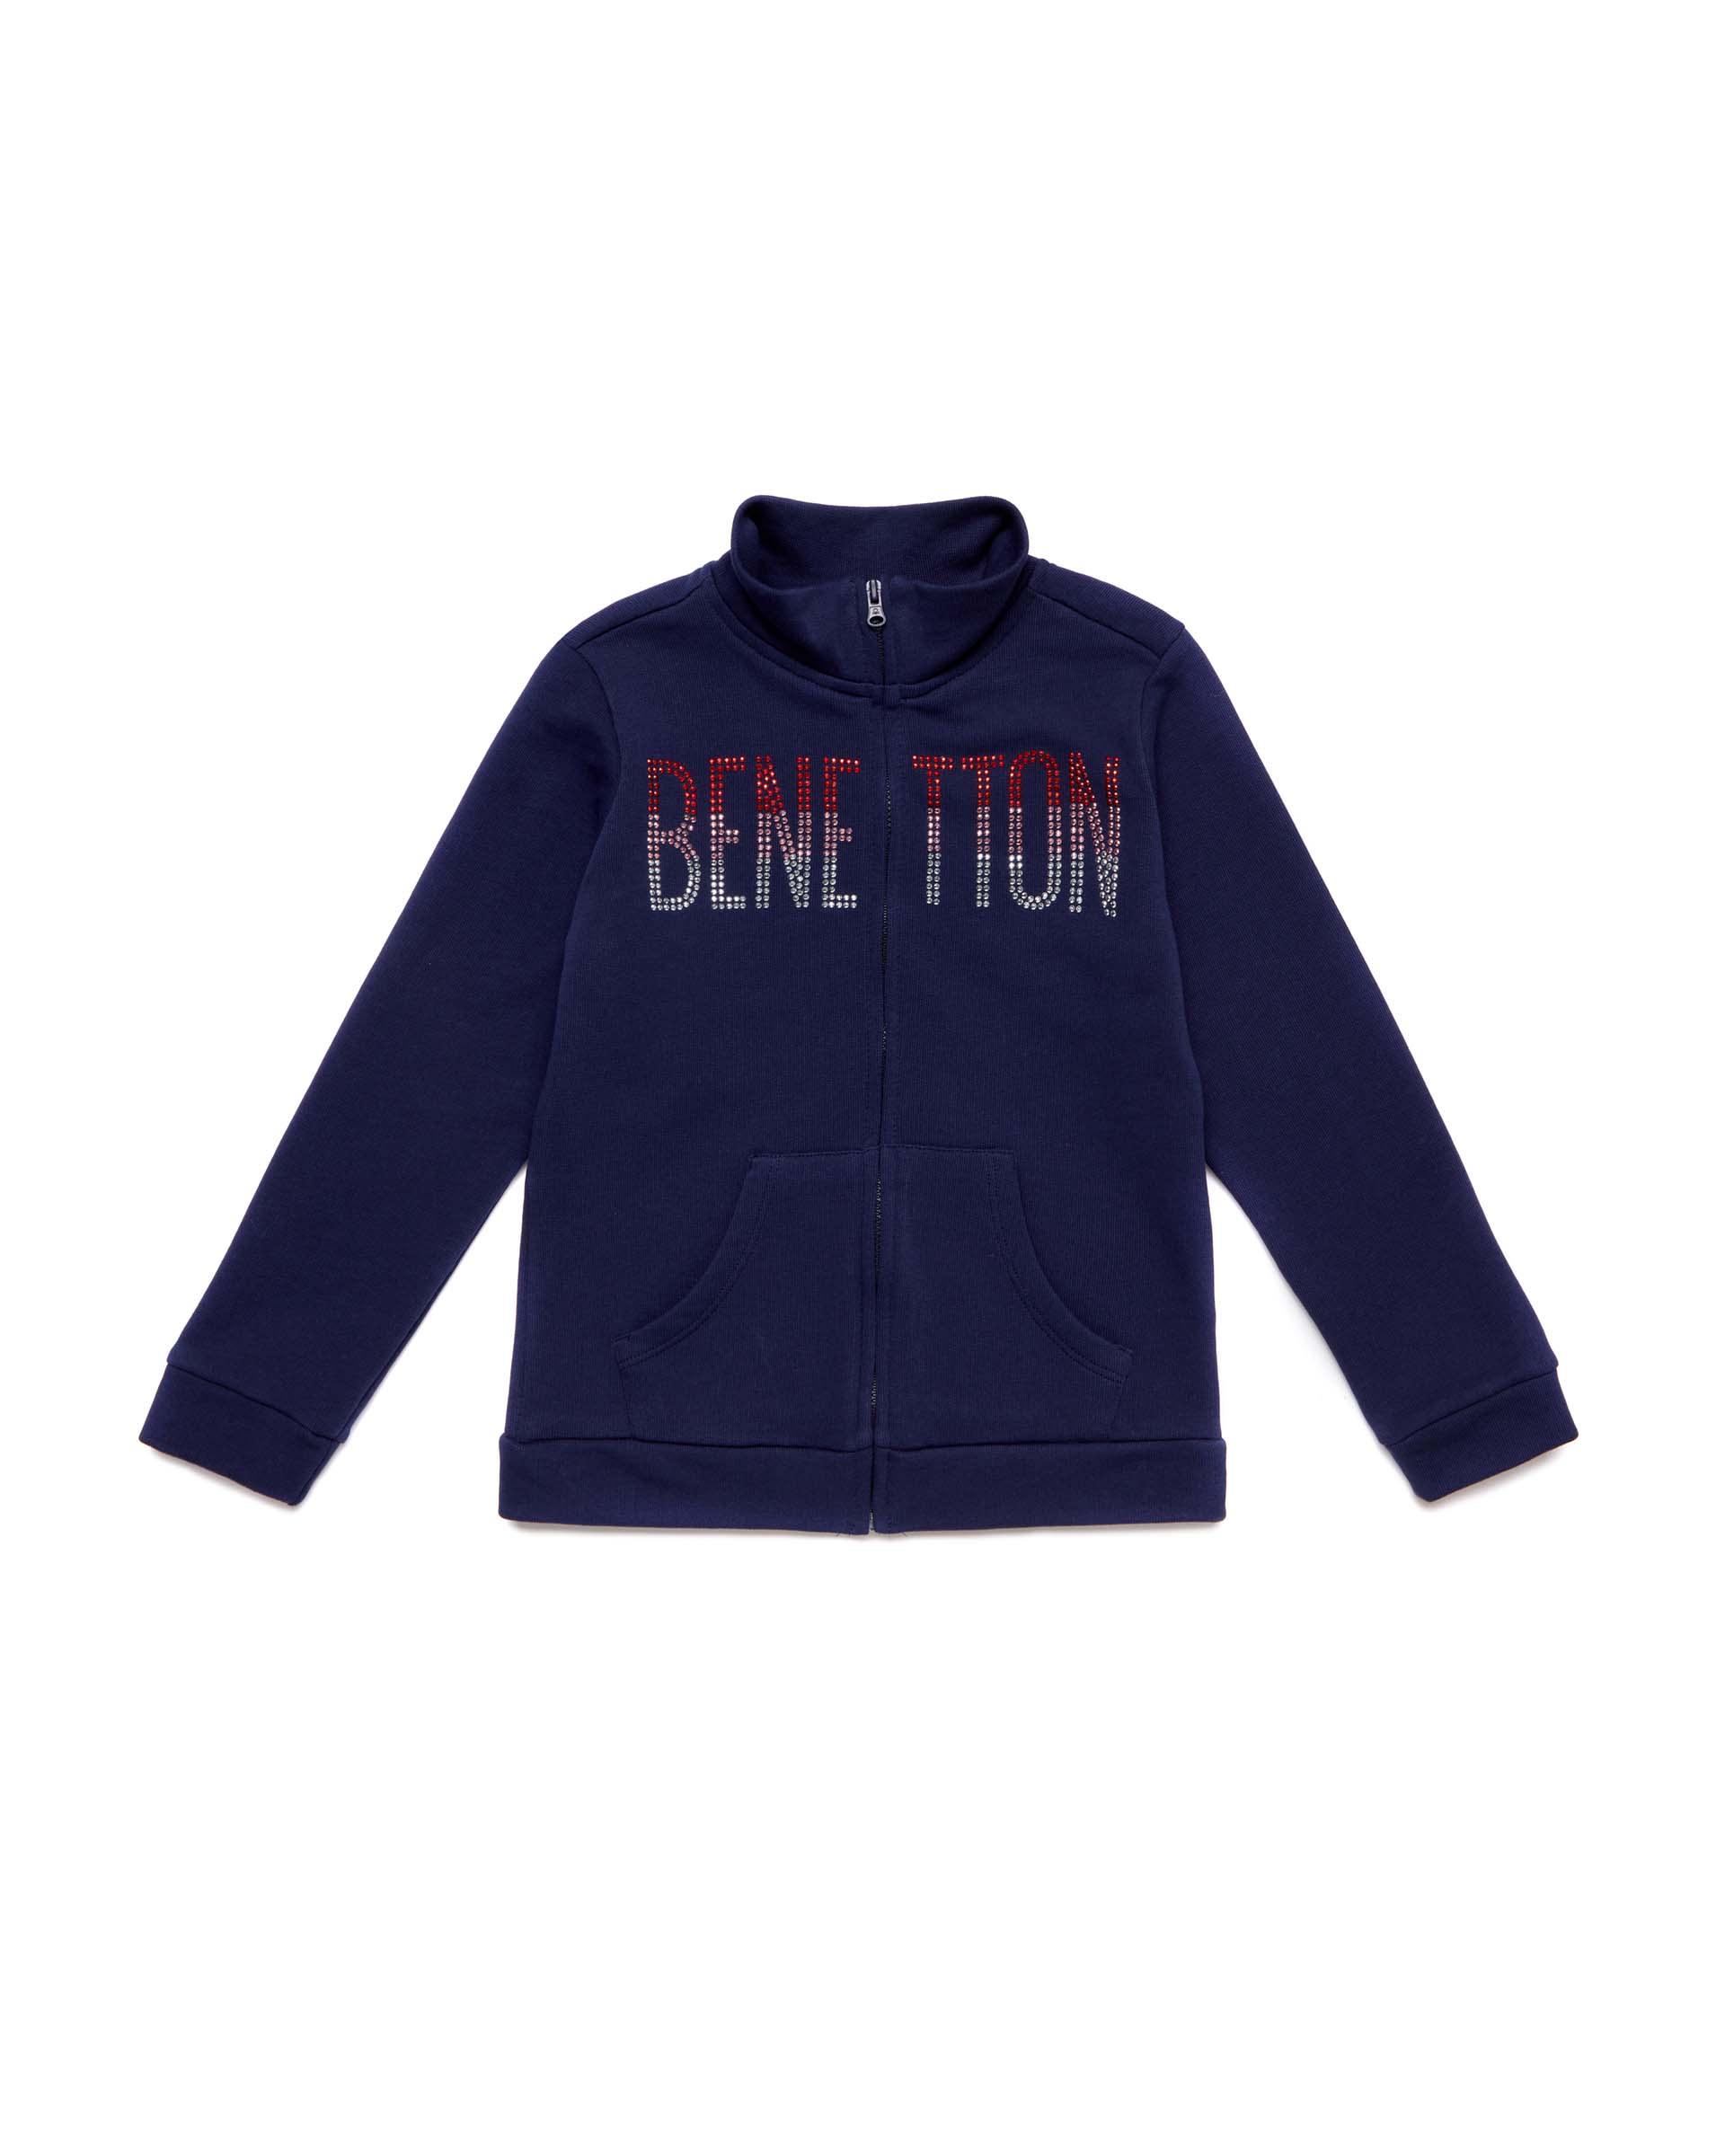 Купить 20P_3J68C5793_252, Толстовка для девочек Benetton 3J68C5793_252 р-р 122, United Colors of Benetton, Толстовки для девочек